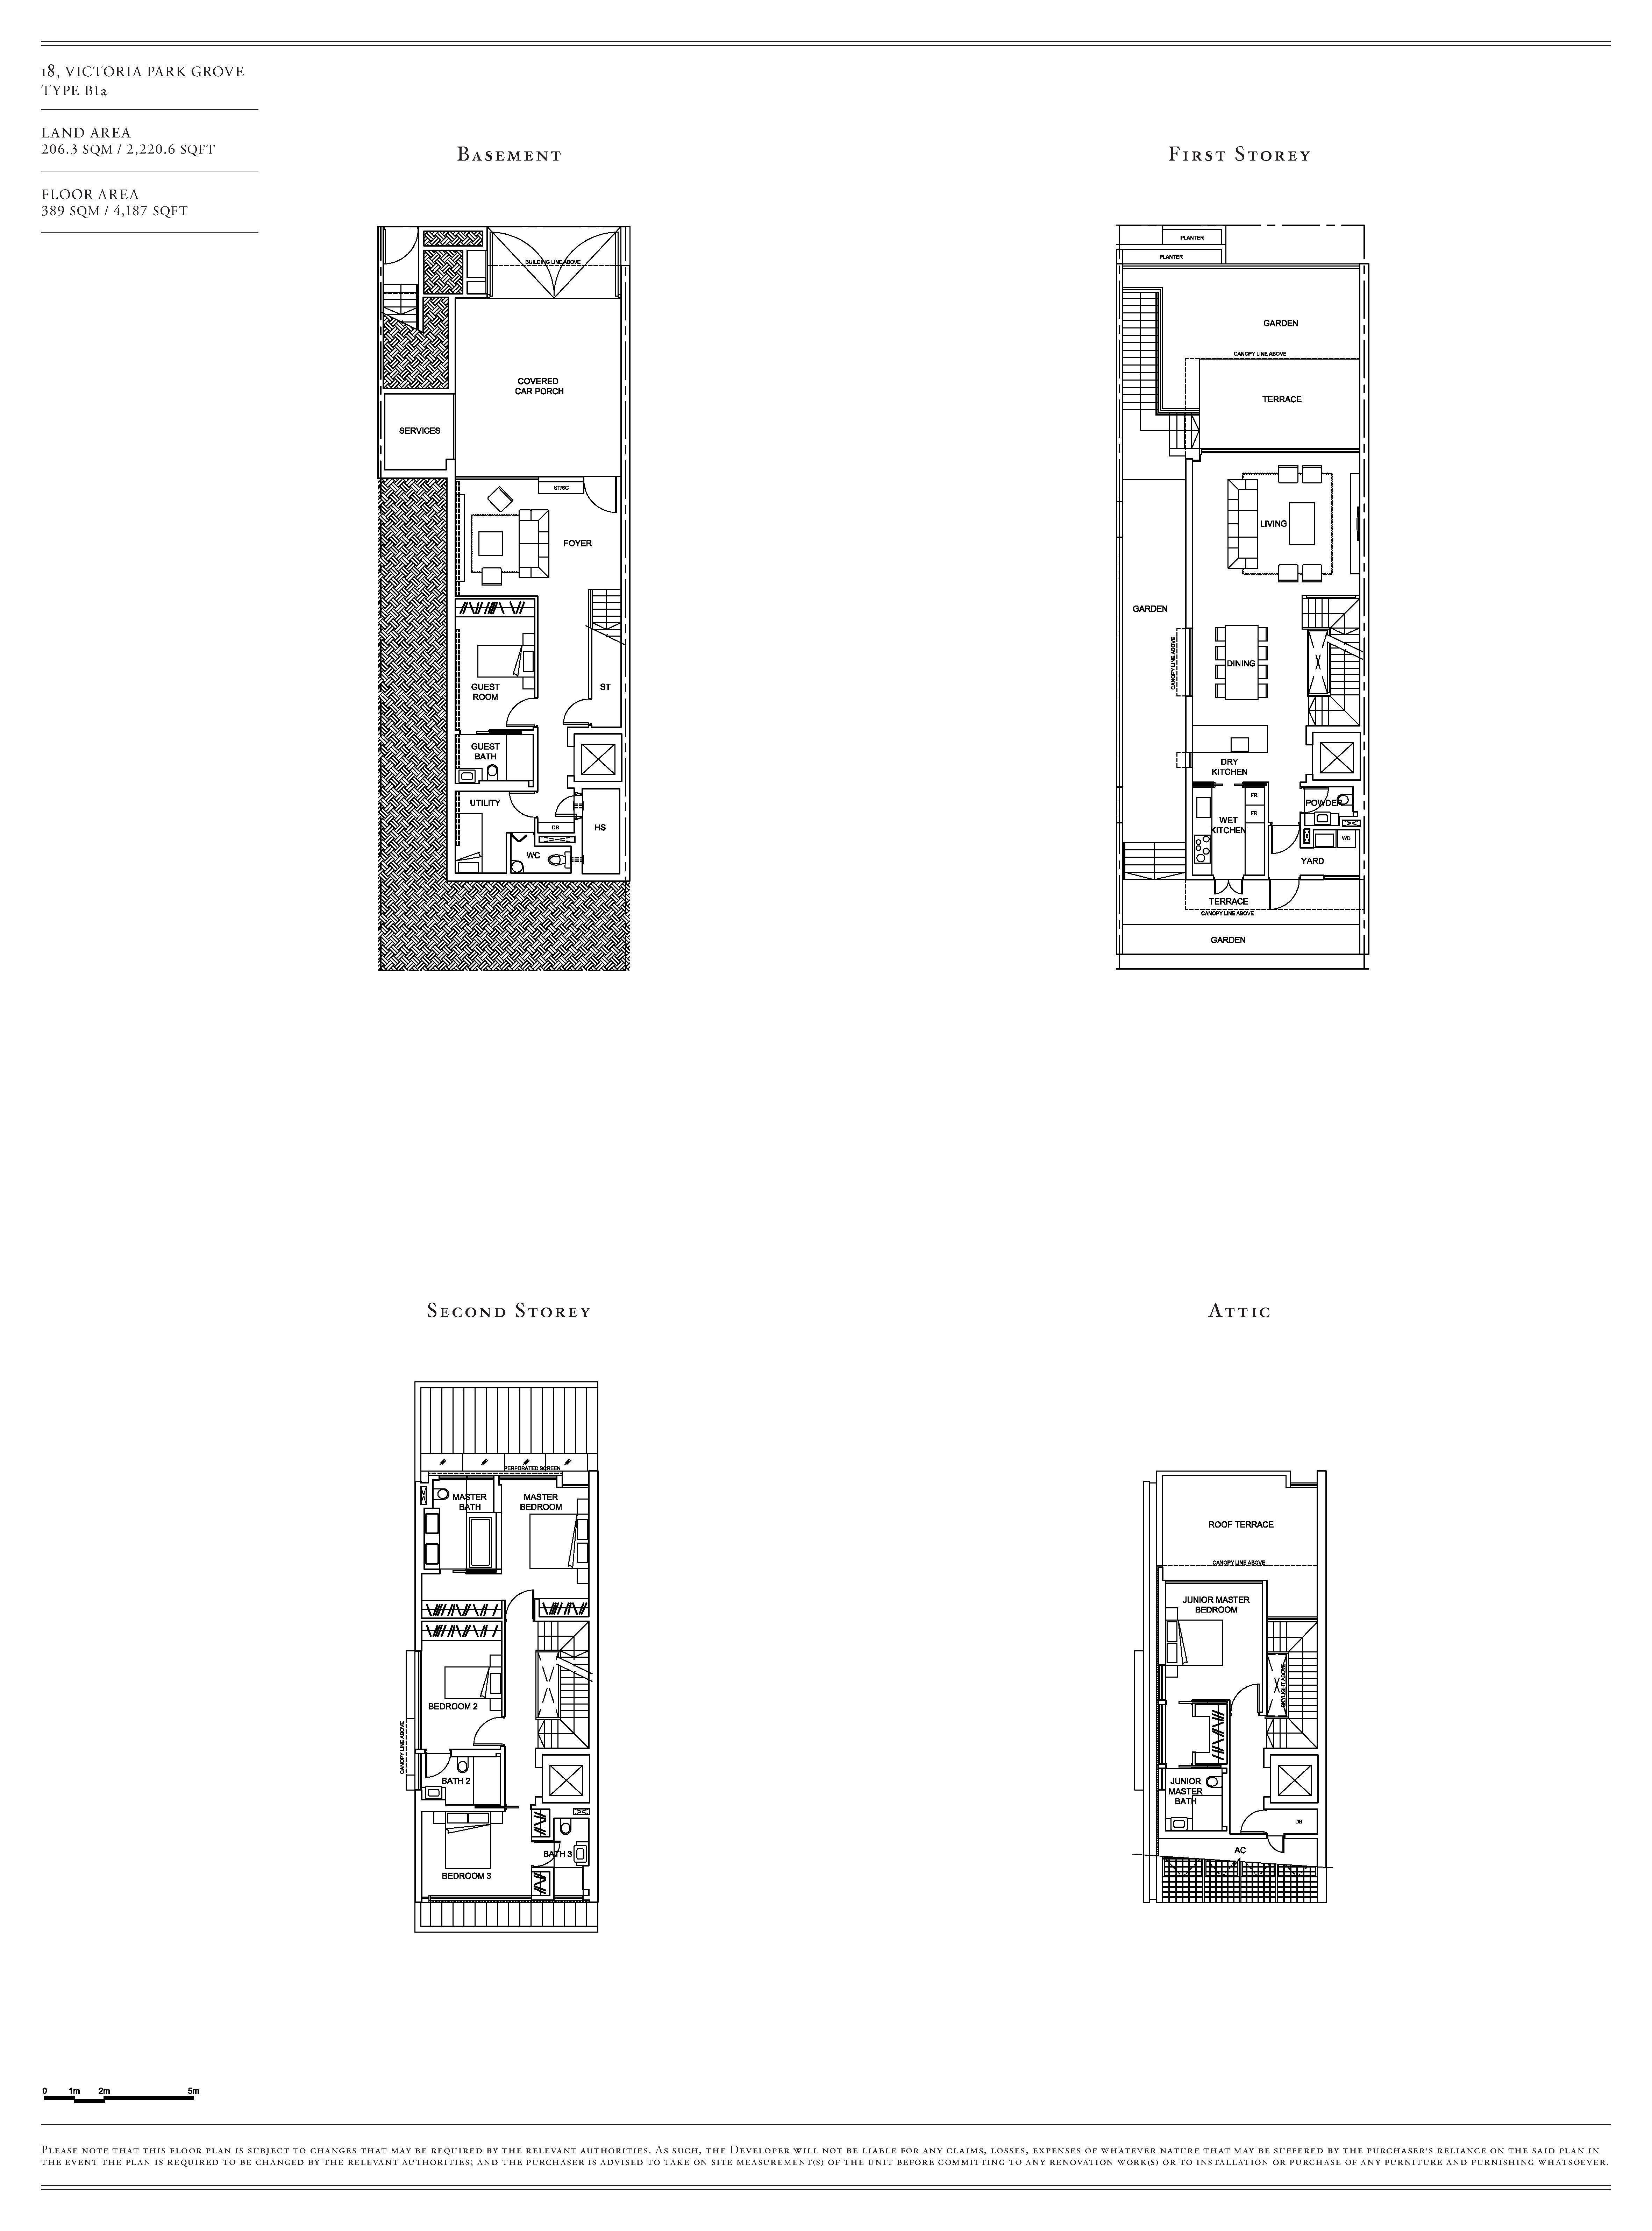 Victoria Park Villas House 18 Type B1a Floor Plans